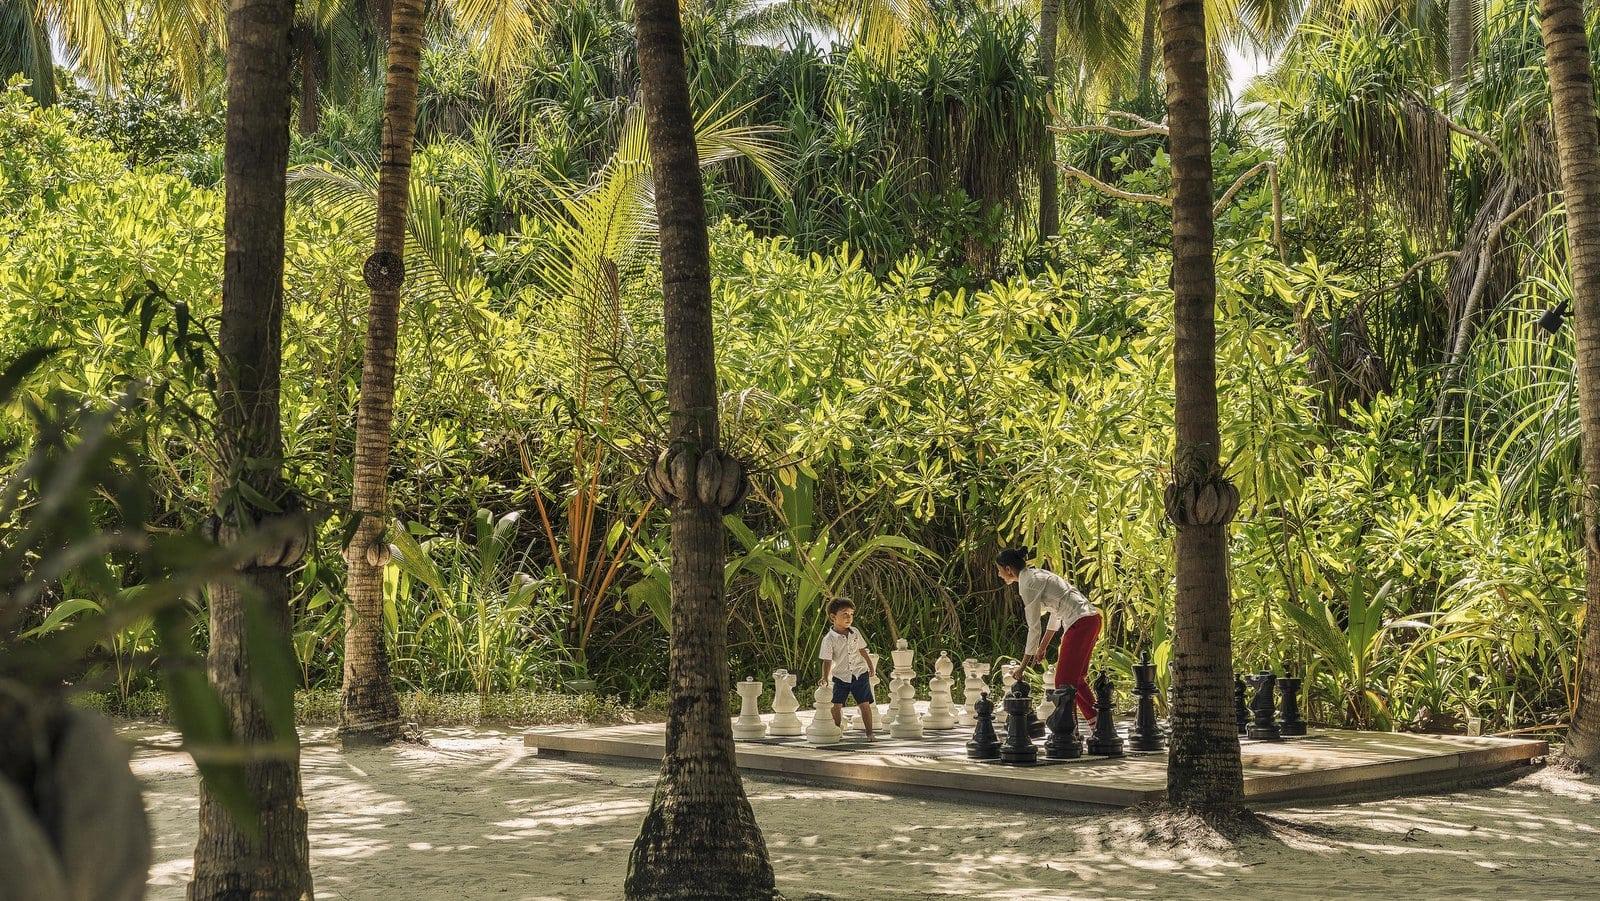 Мальдивы, отель Anantara Kihavah Maldives Villas, шахматы